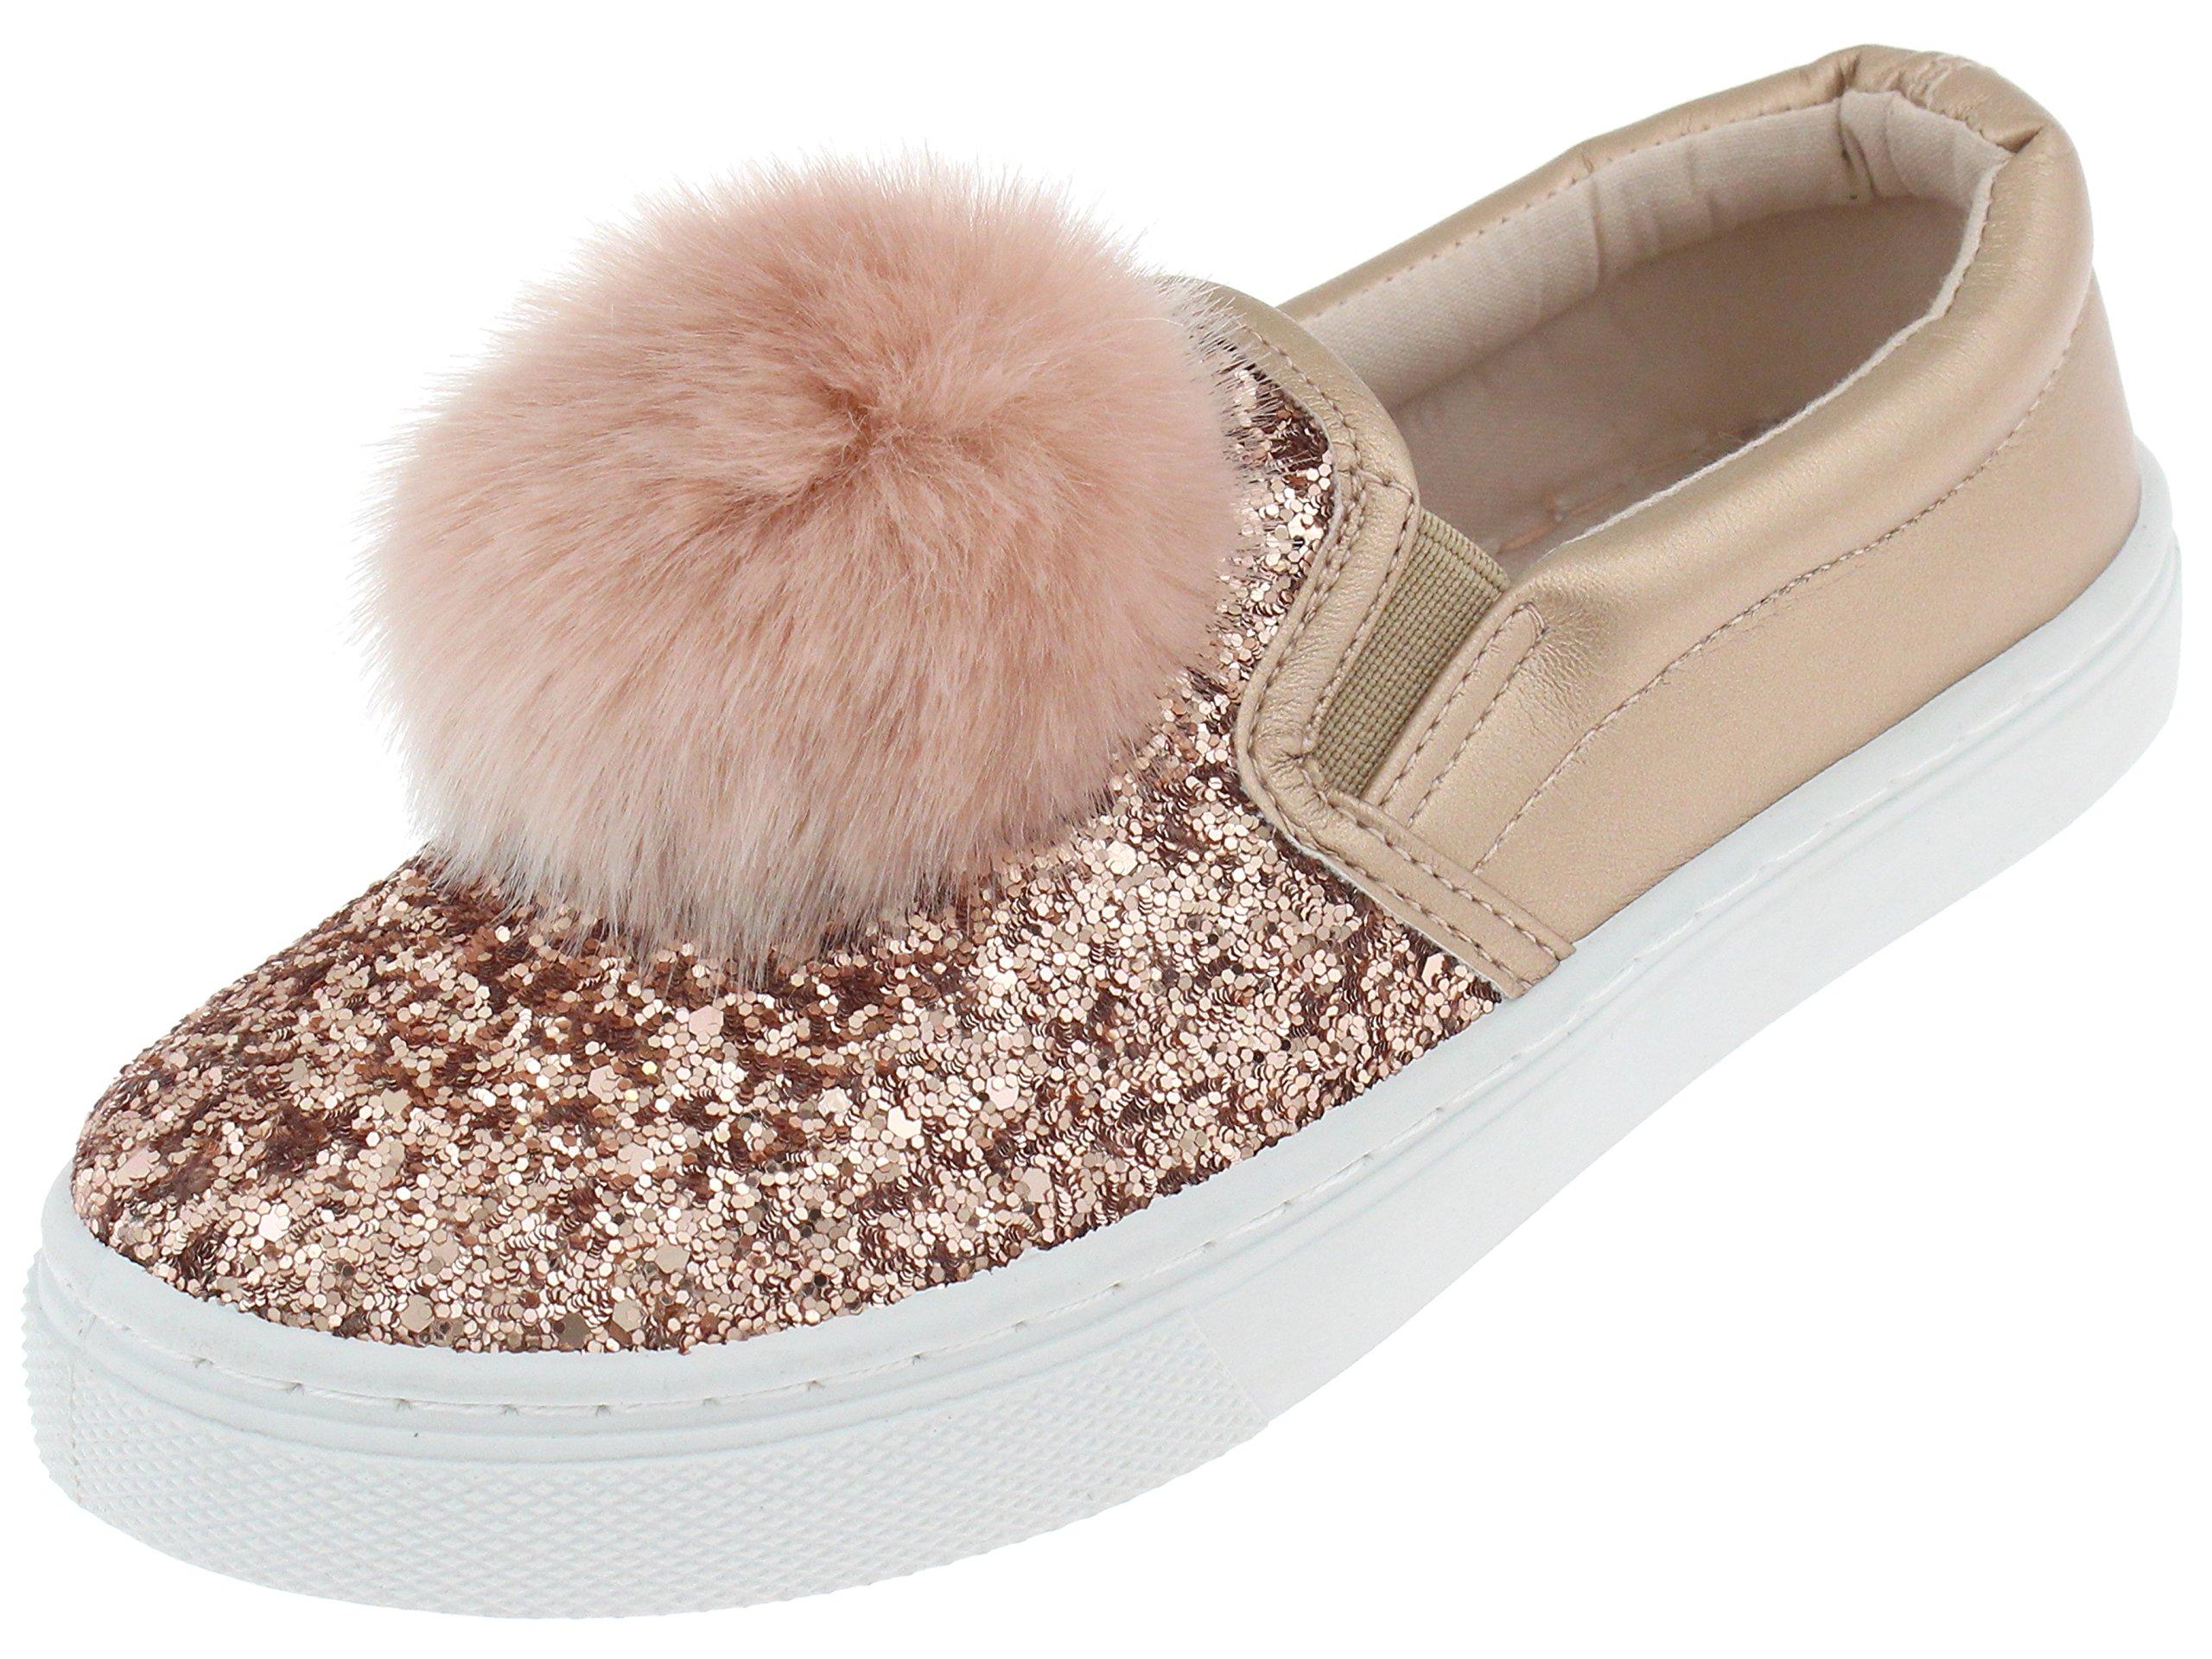 Capelli New York Girls Glitter Slip On Sneaker with Fur Pom Detail Rose Gold 2